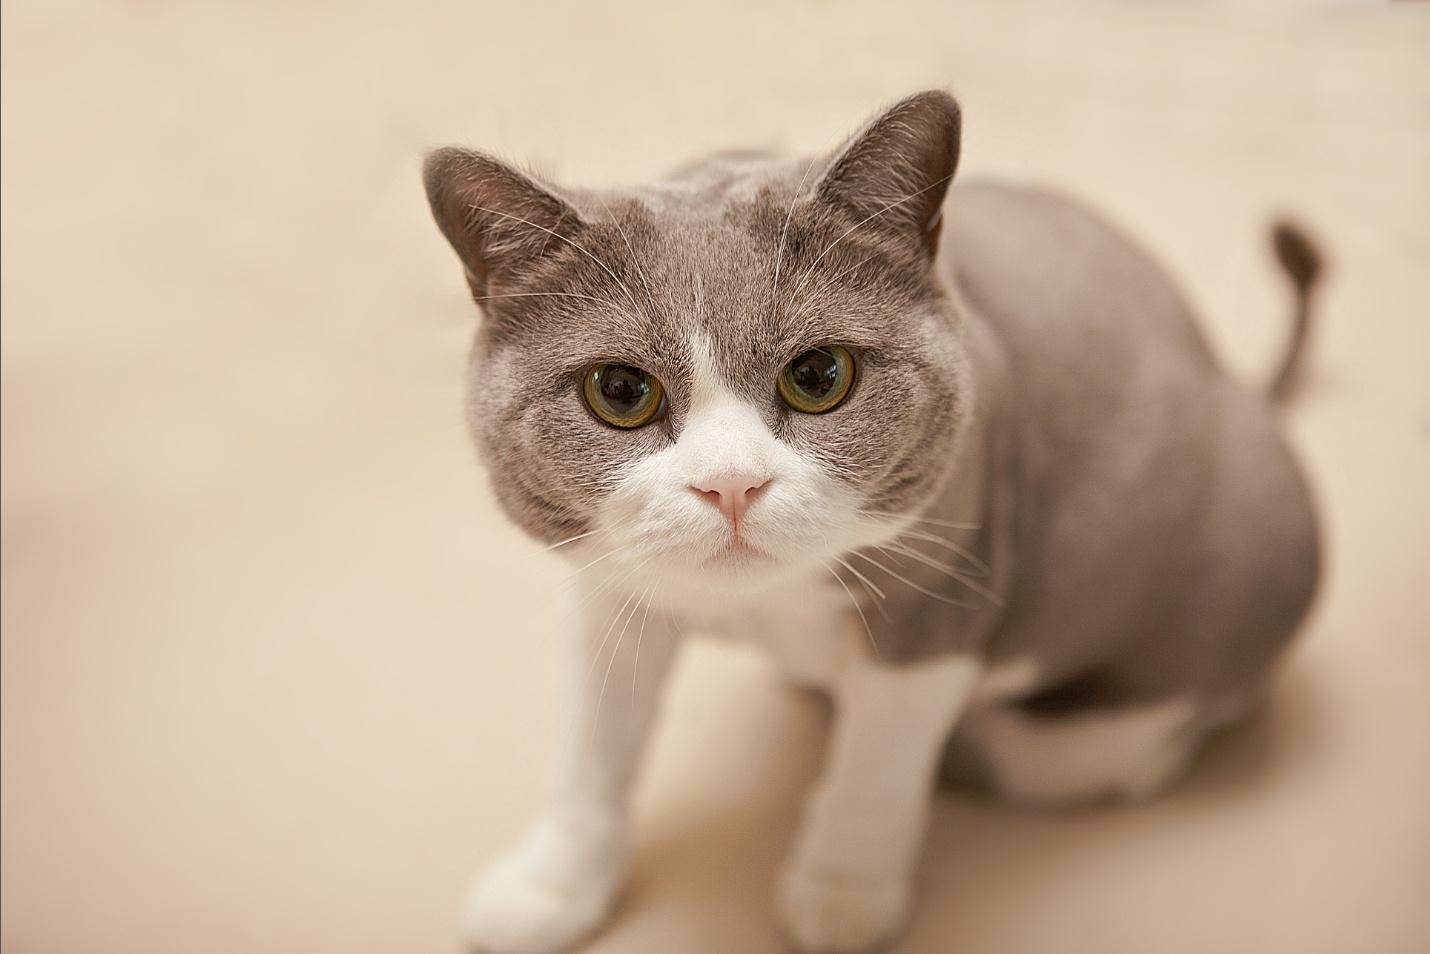 壁纸 动物 猫 猫咪 小猫 桌面 1430_954